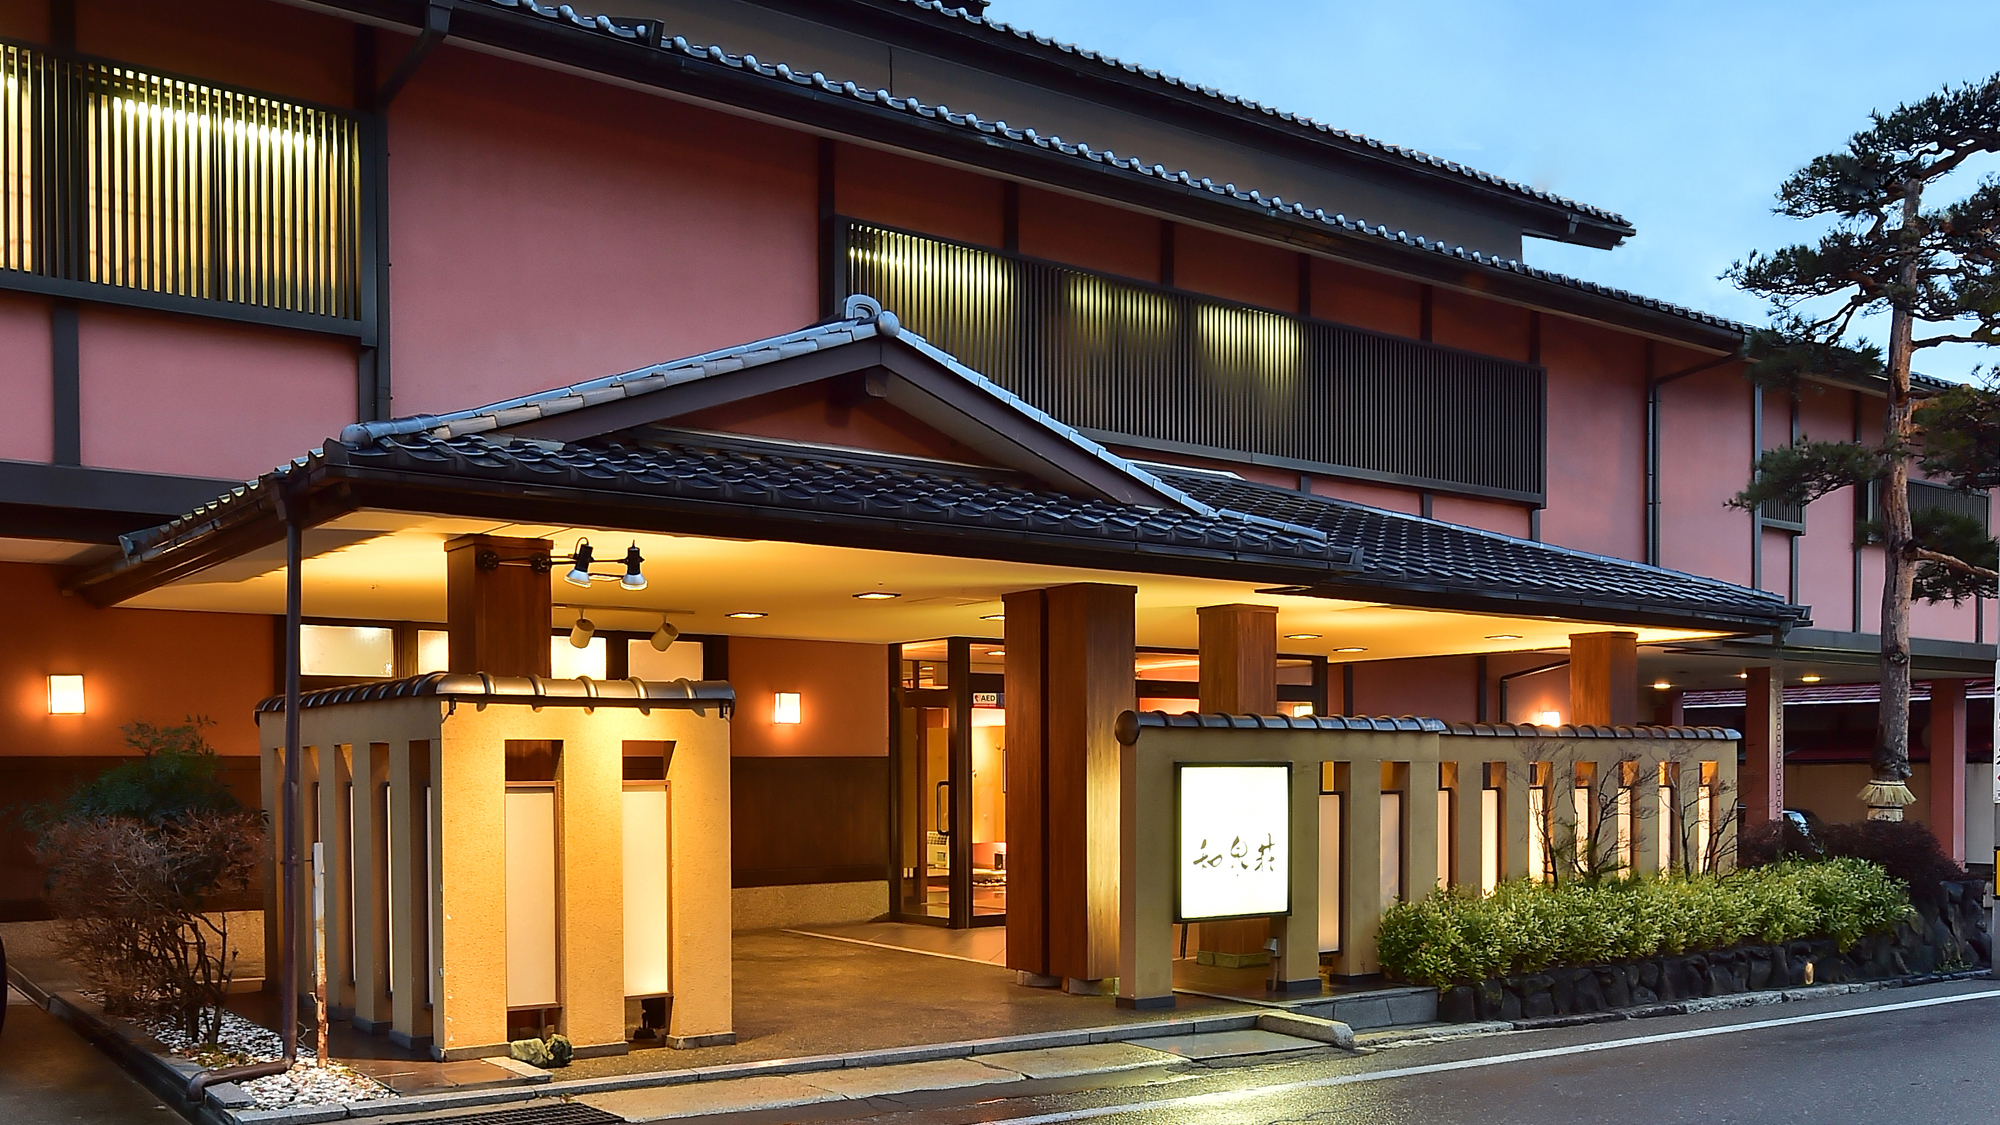 浅間温泉へ子供を連れて春休み旅行!予算1万で露天風呂に入りたい。